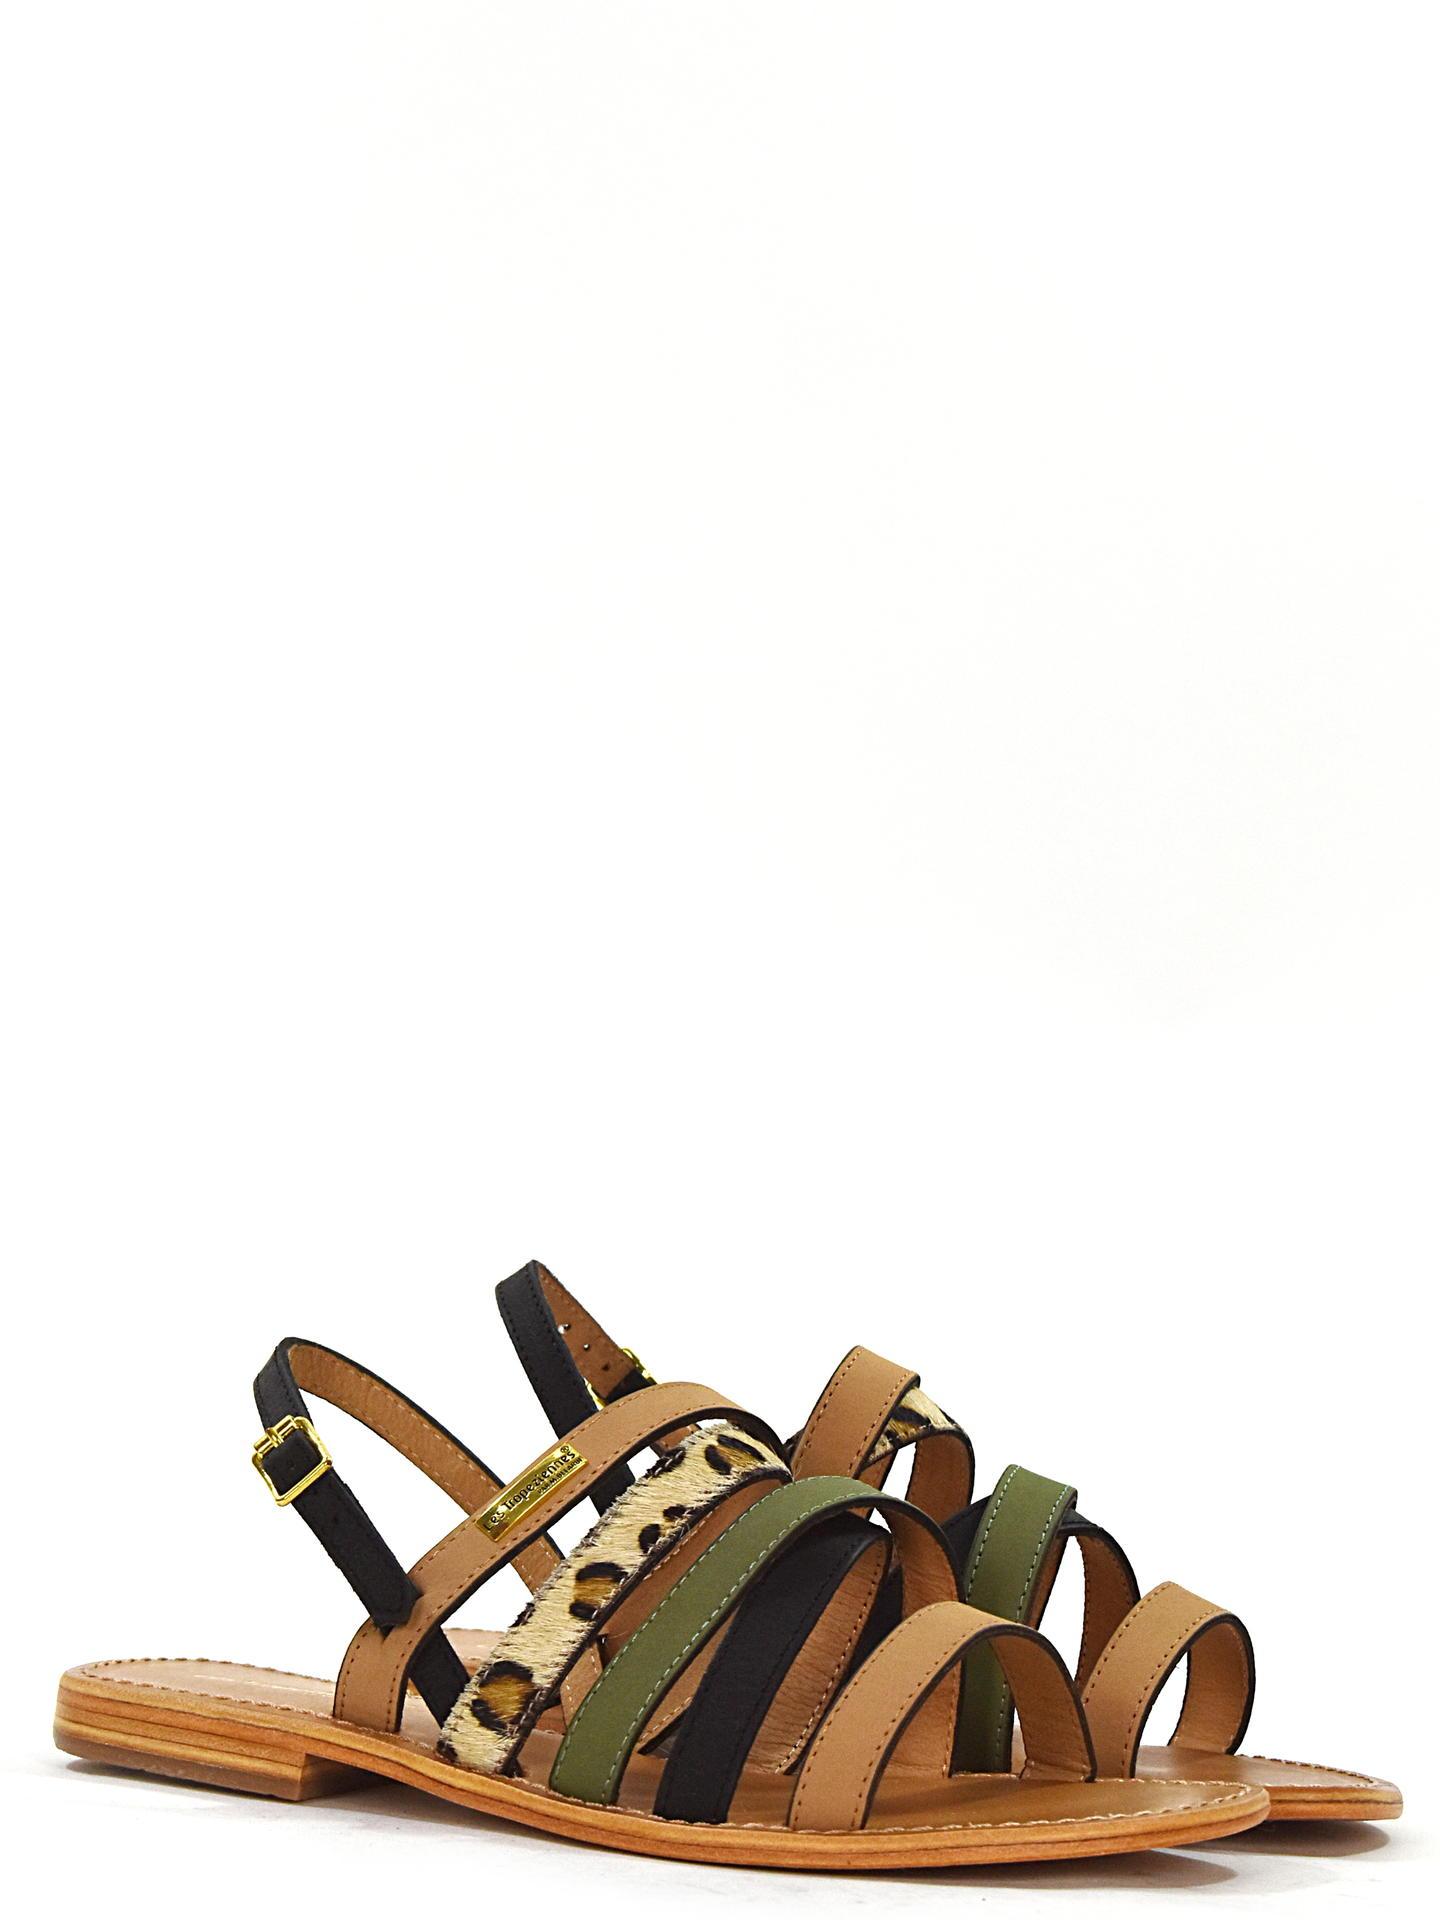 Sandalo Basso Les Tropeziennes Hop Multicolor Desiderio Collection